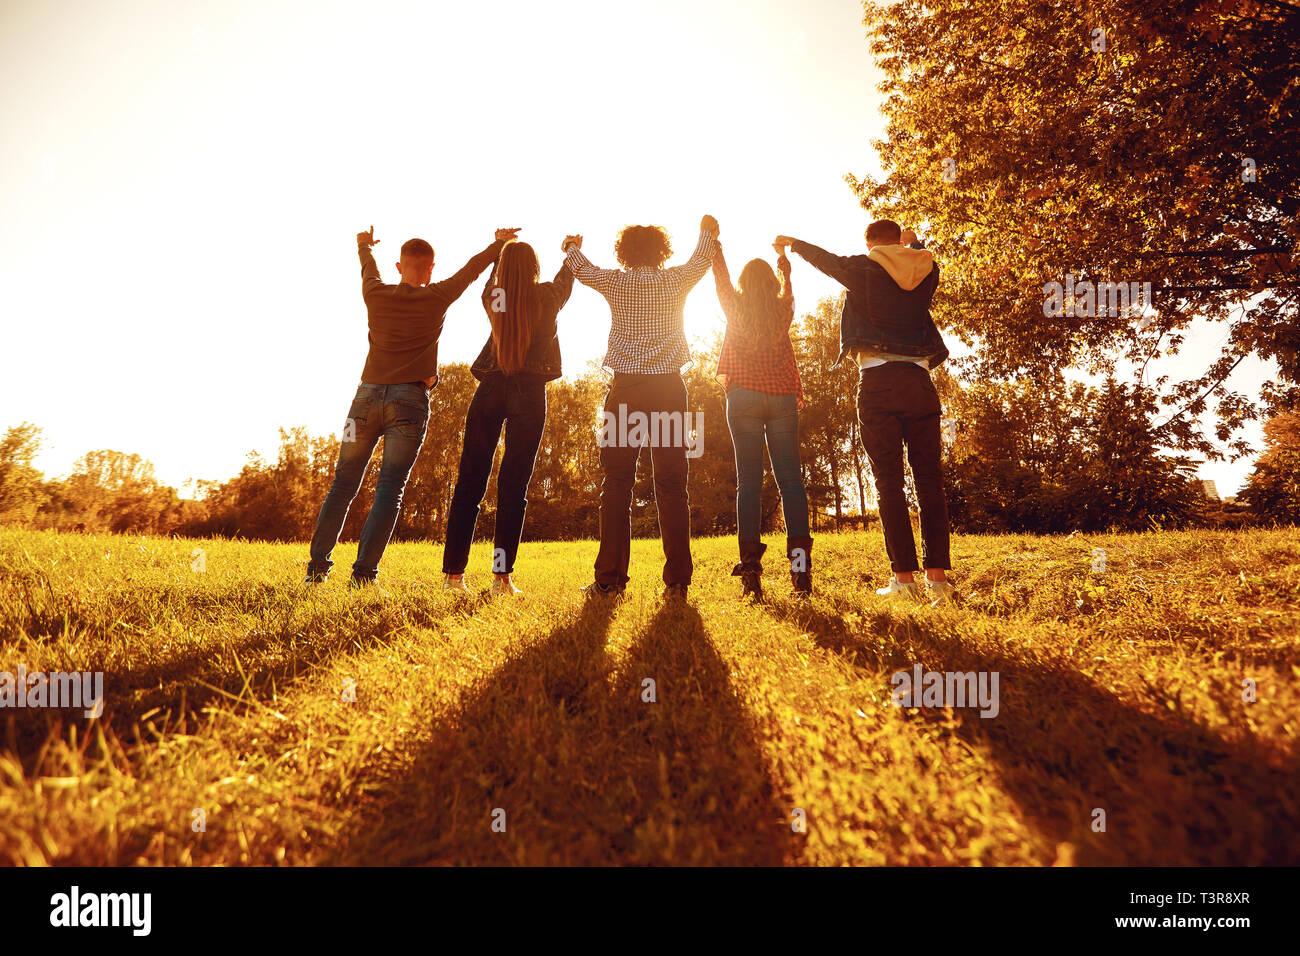 Personnes debout avec les bras levés on meadow Banque D'Images